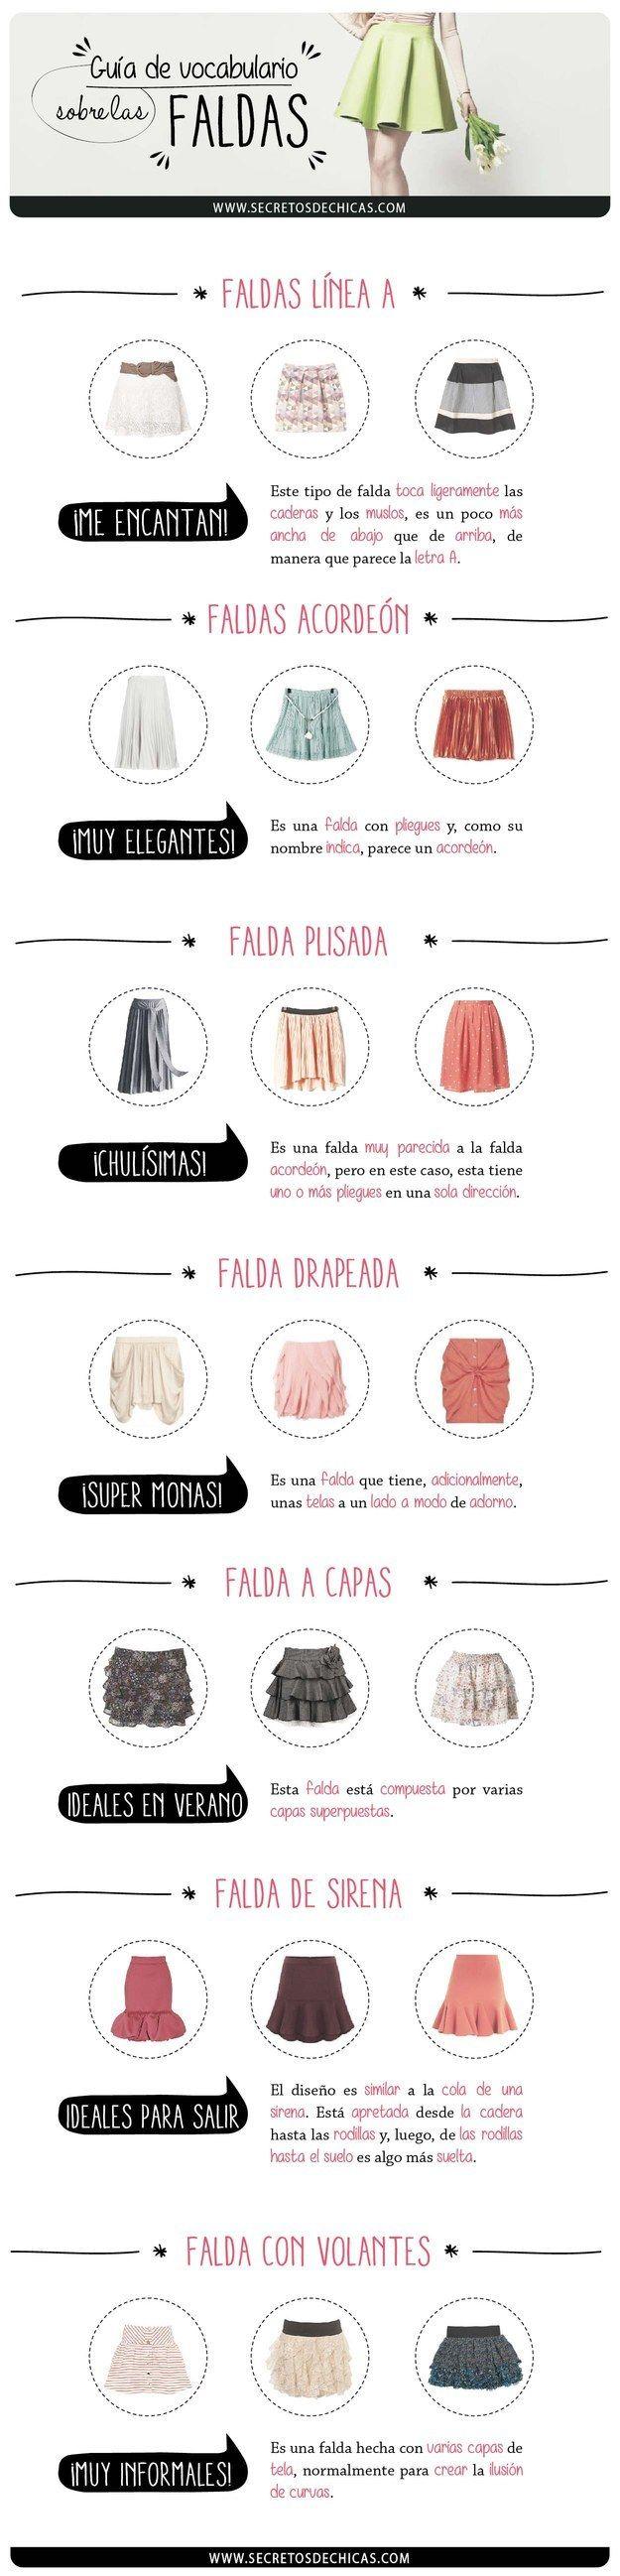 He aquí todos los tipos de faldas que existen. | 18 Guías visuales de estilo que toda mujer necesita en su vida